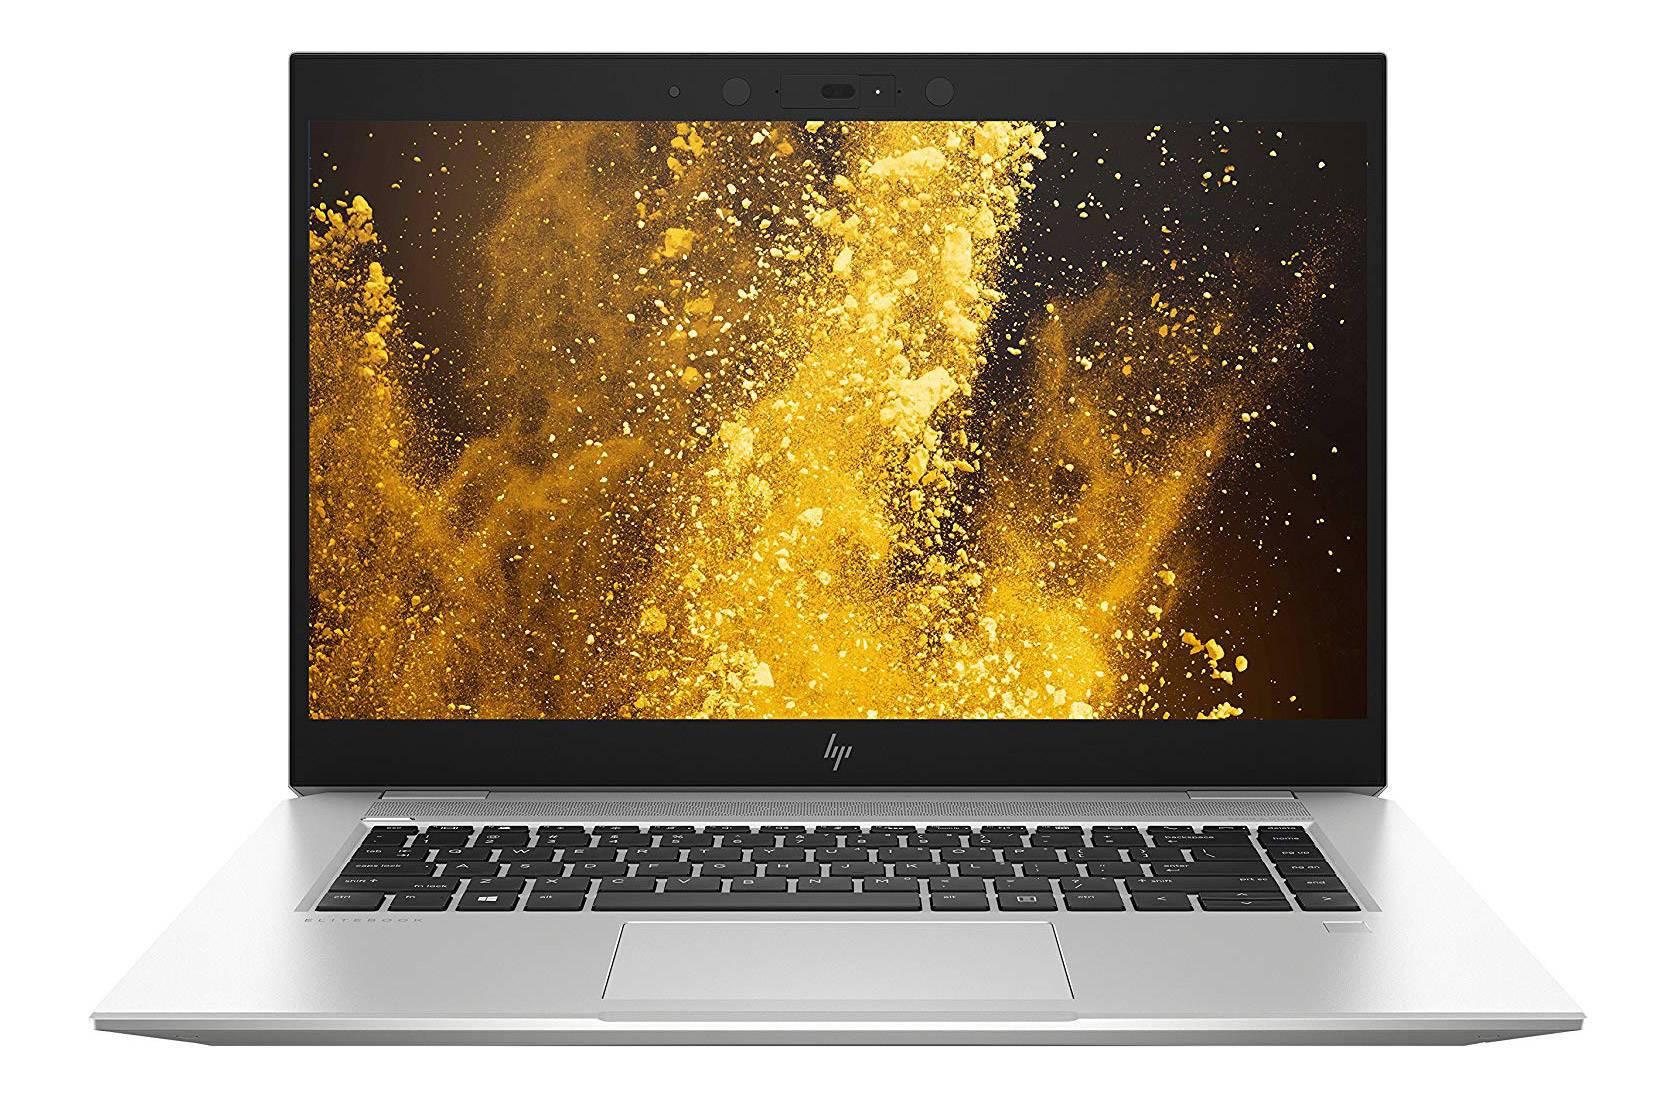 HP 惠普EliteBook 1050 G1评测